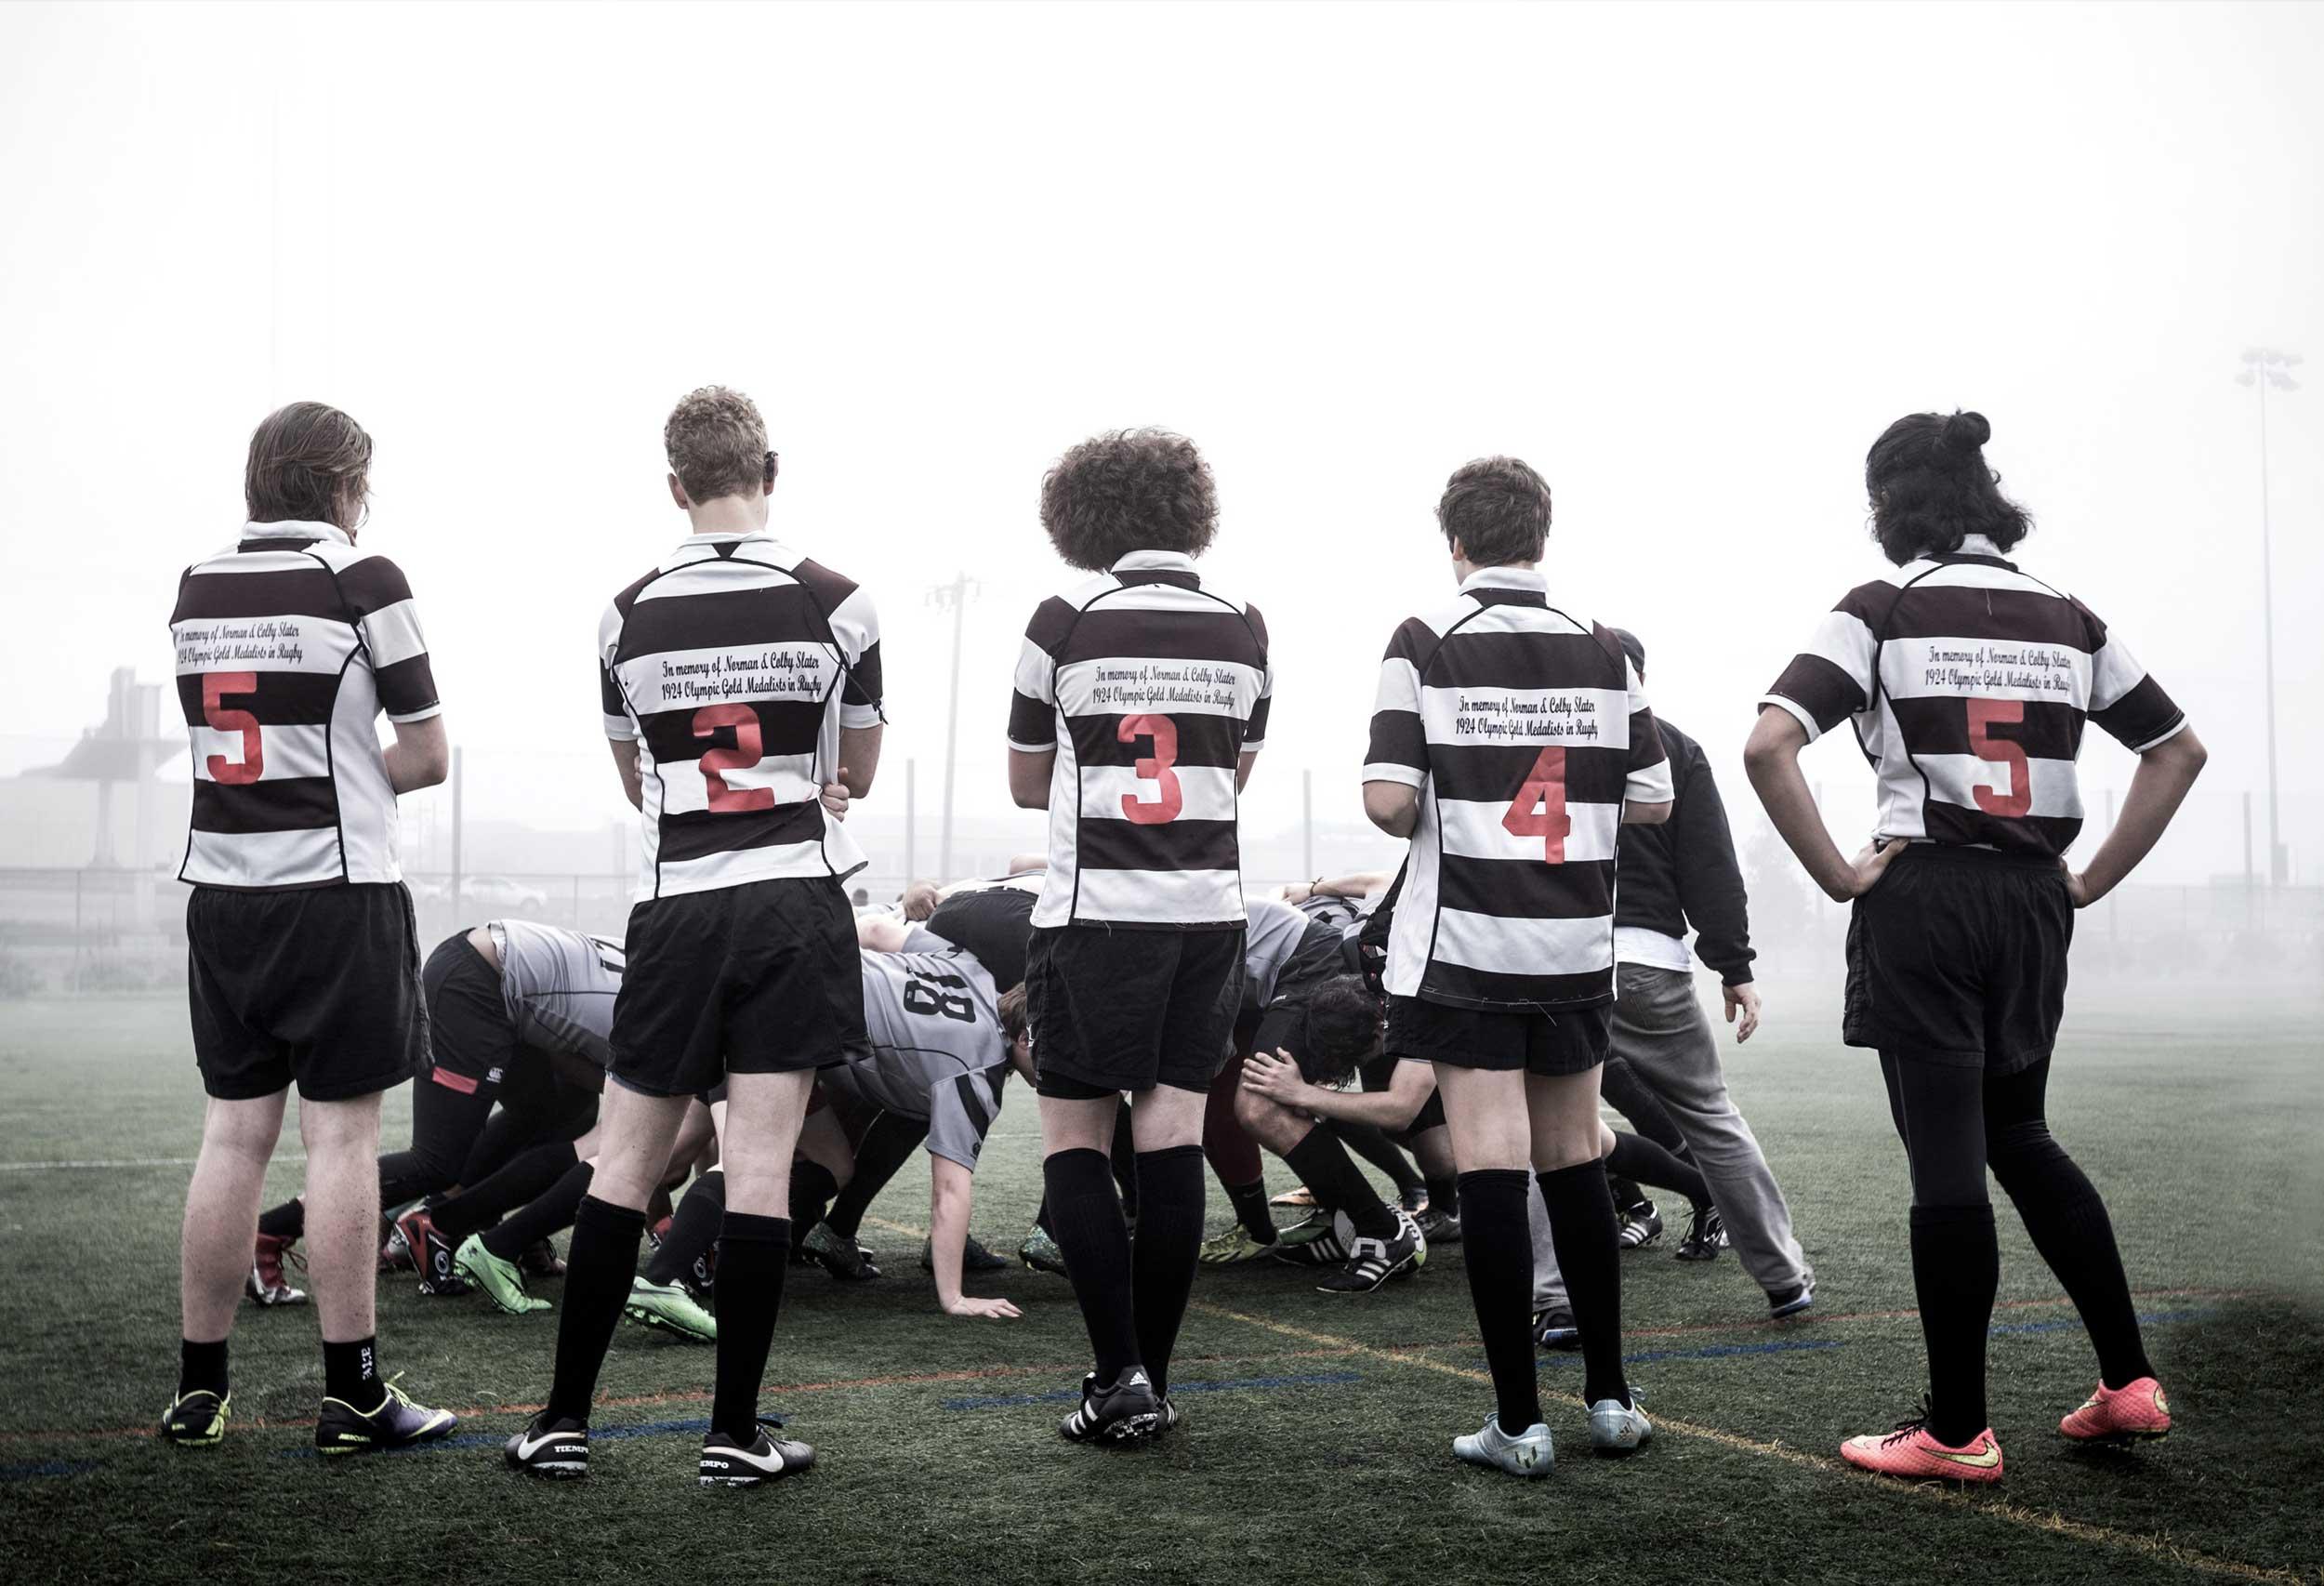 RugbyTeam_JMichaelTuckerPhotography.jpg